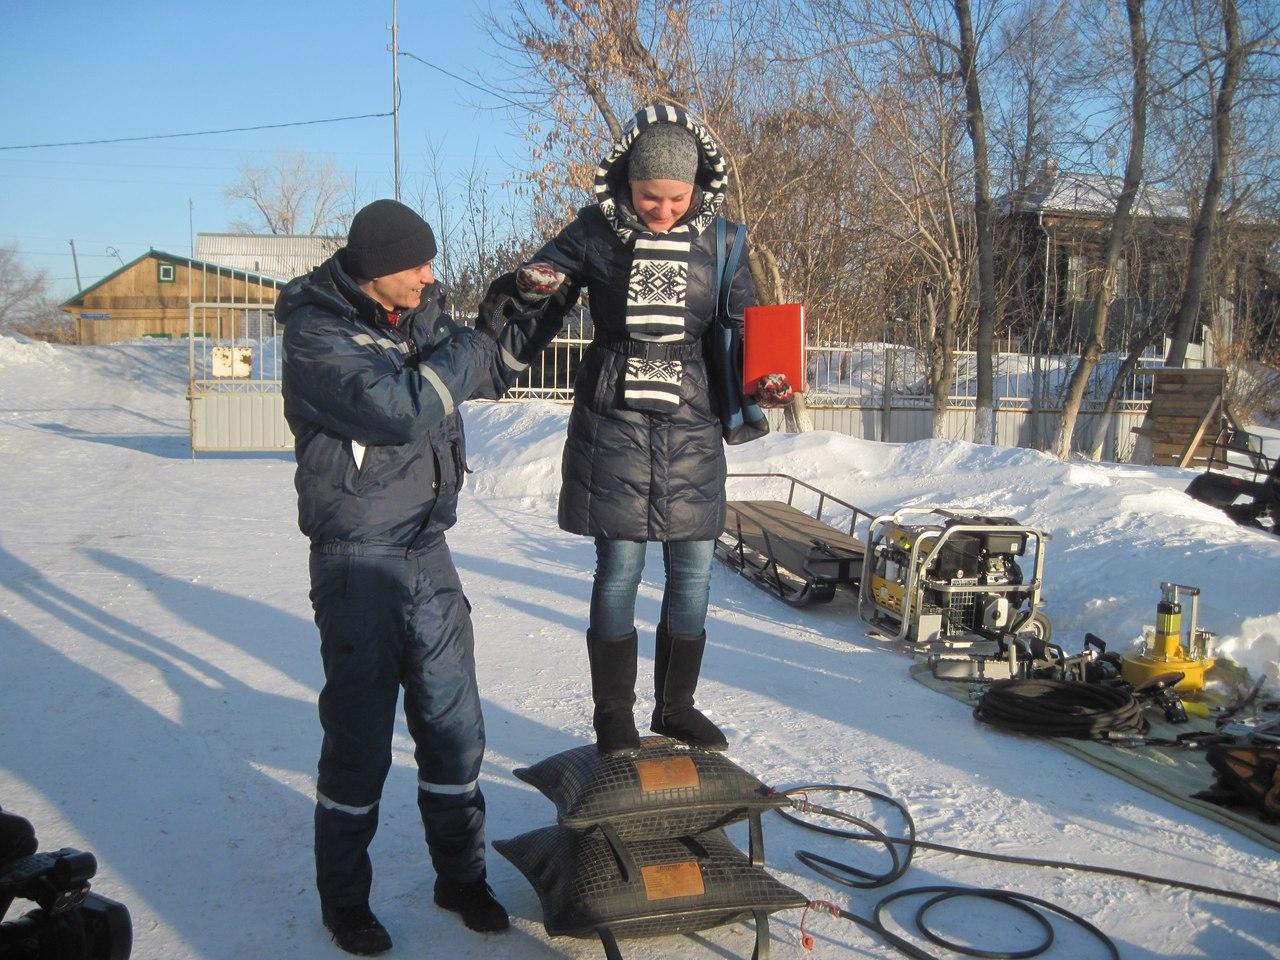 Спасатели отметили 15-летие ТОСЭР катанием на снегоходах с журналистами  5